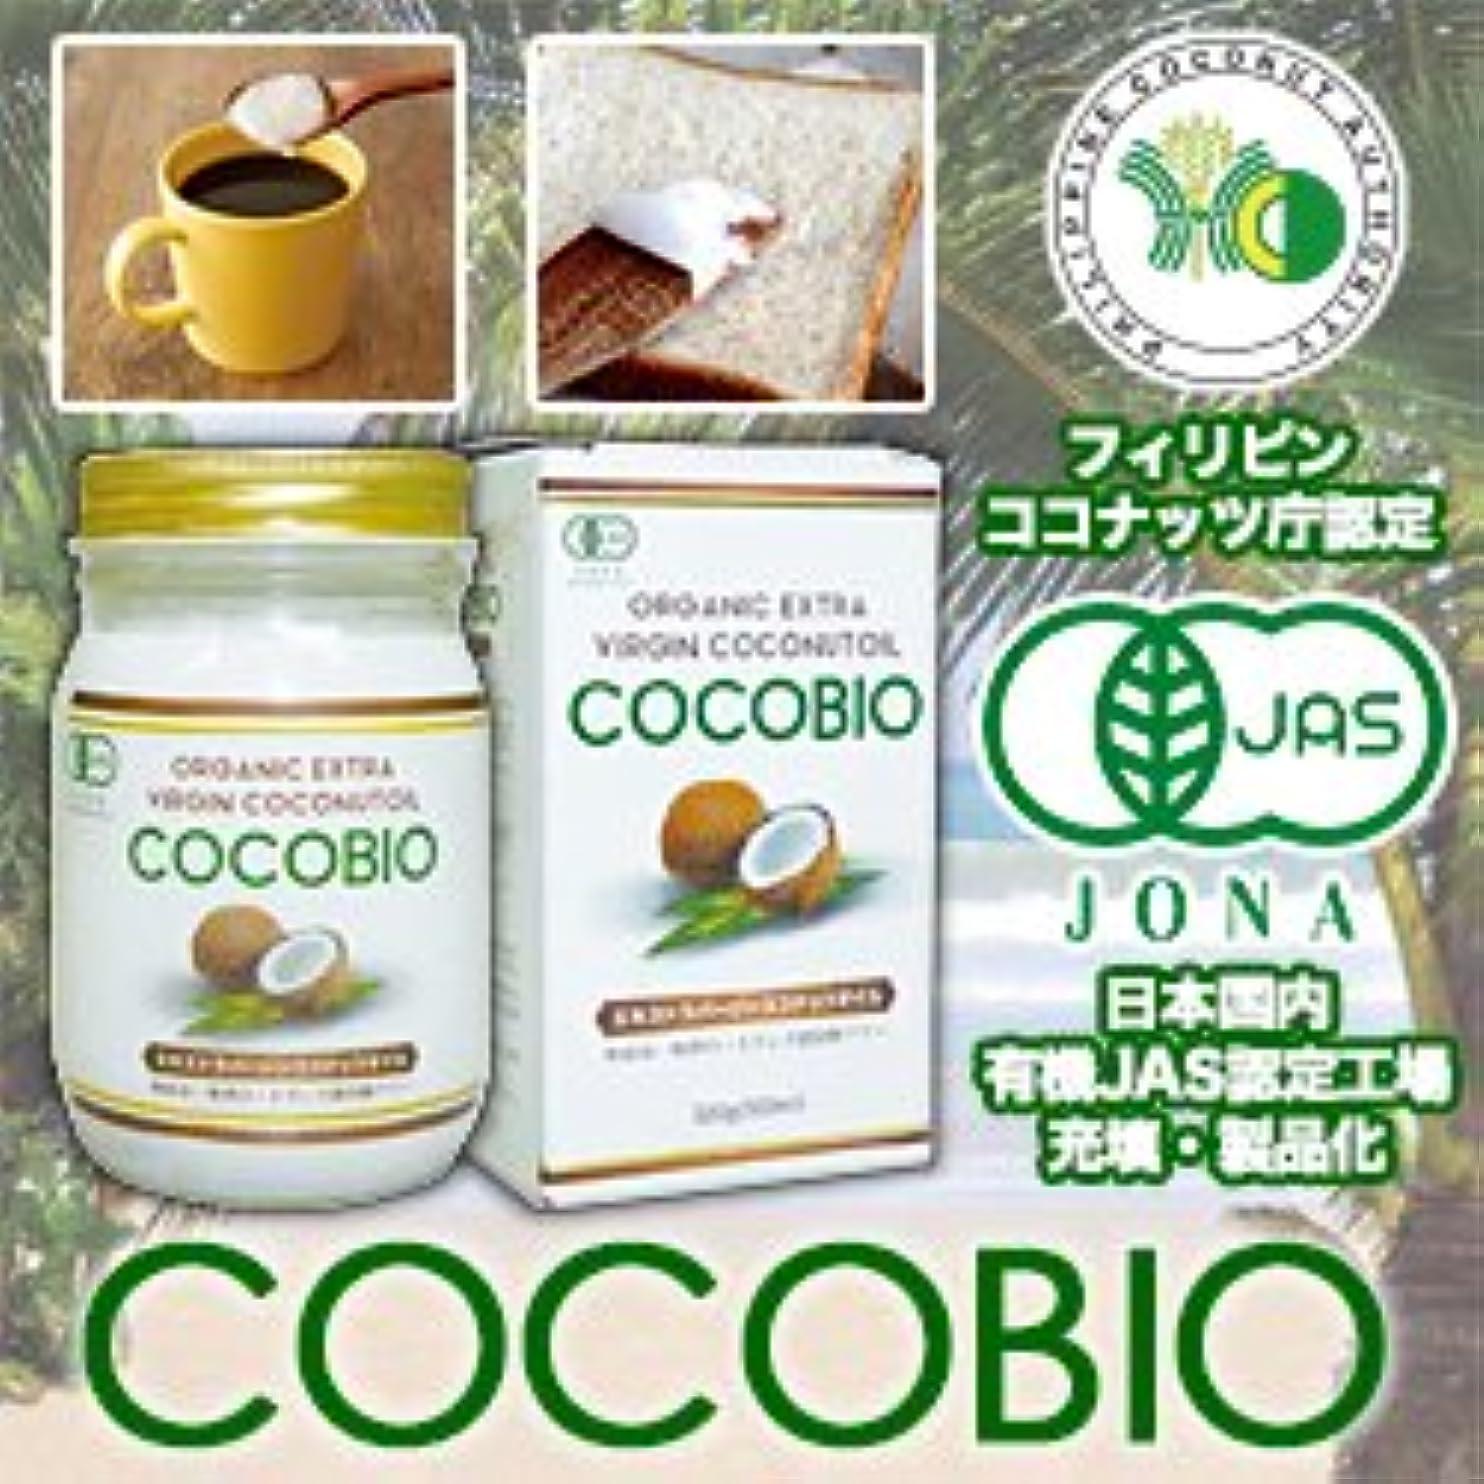 品大量科学【特殊栄養食品研究所】【有機ココナッツオイル】 ココビオ(COCOBIO) 320g [350ml] ×10個セット